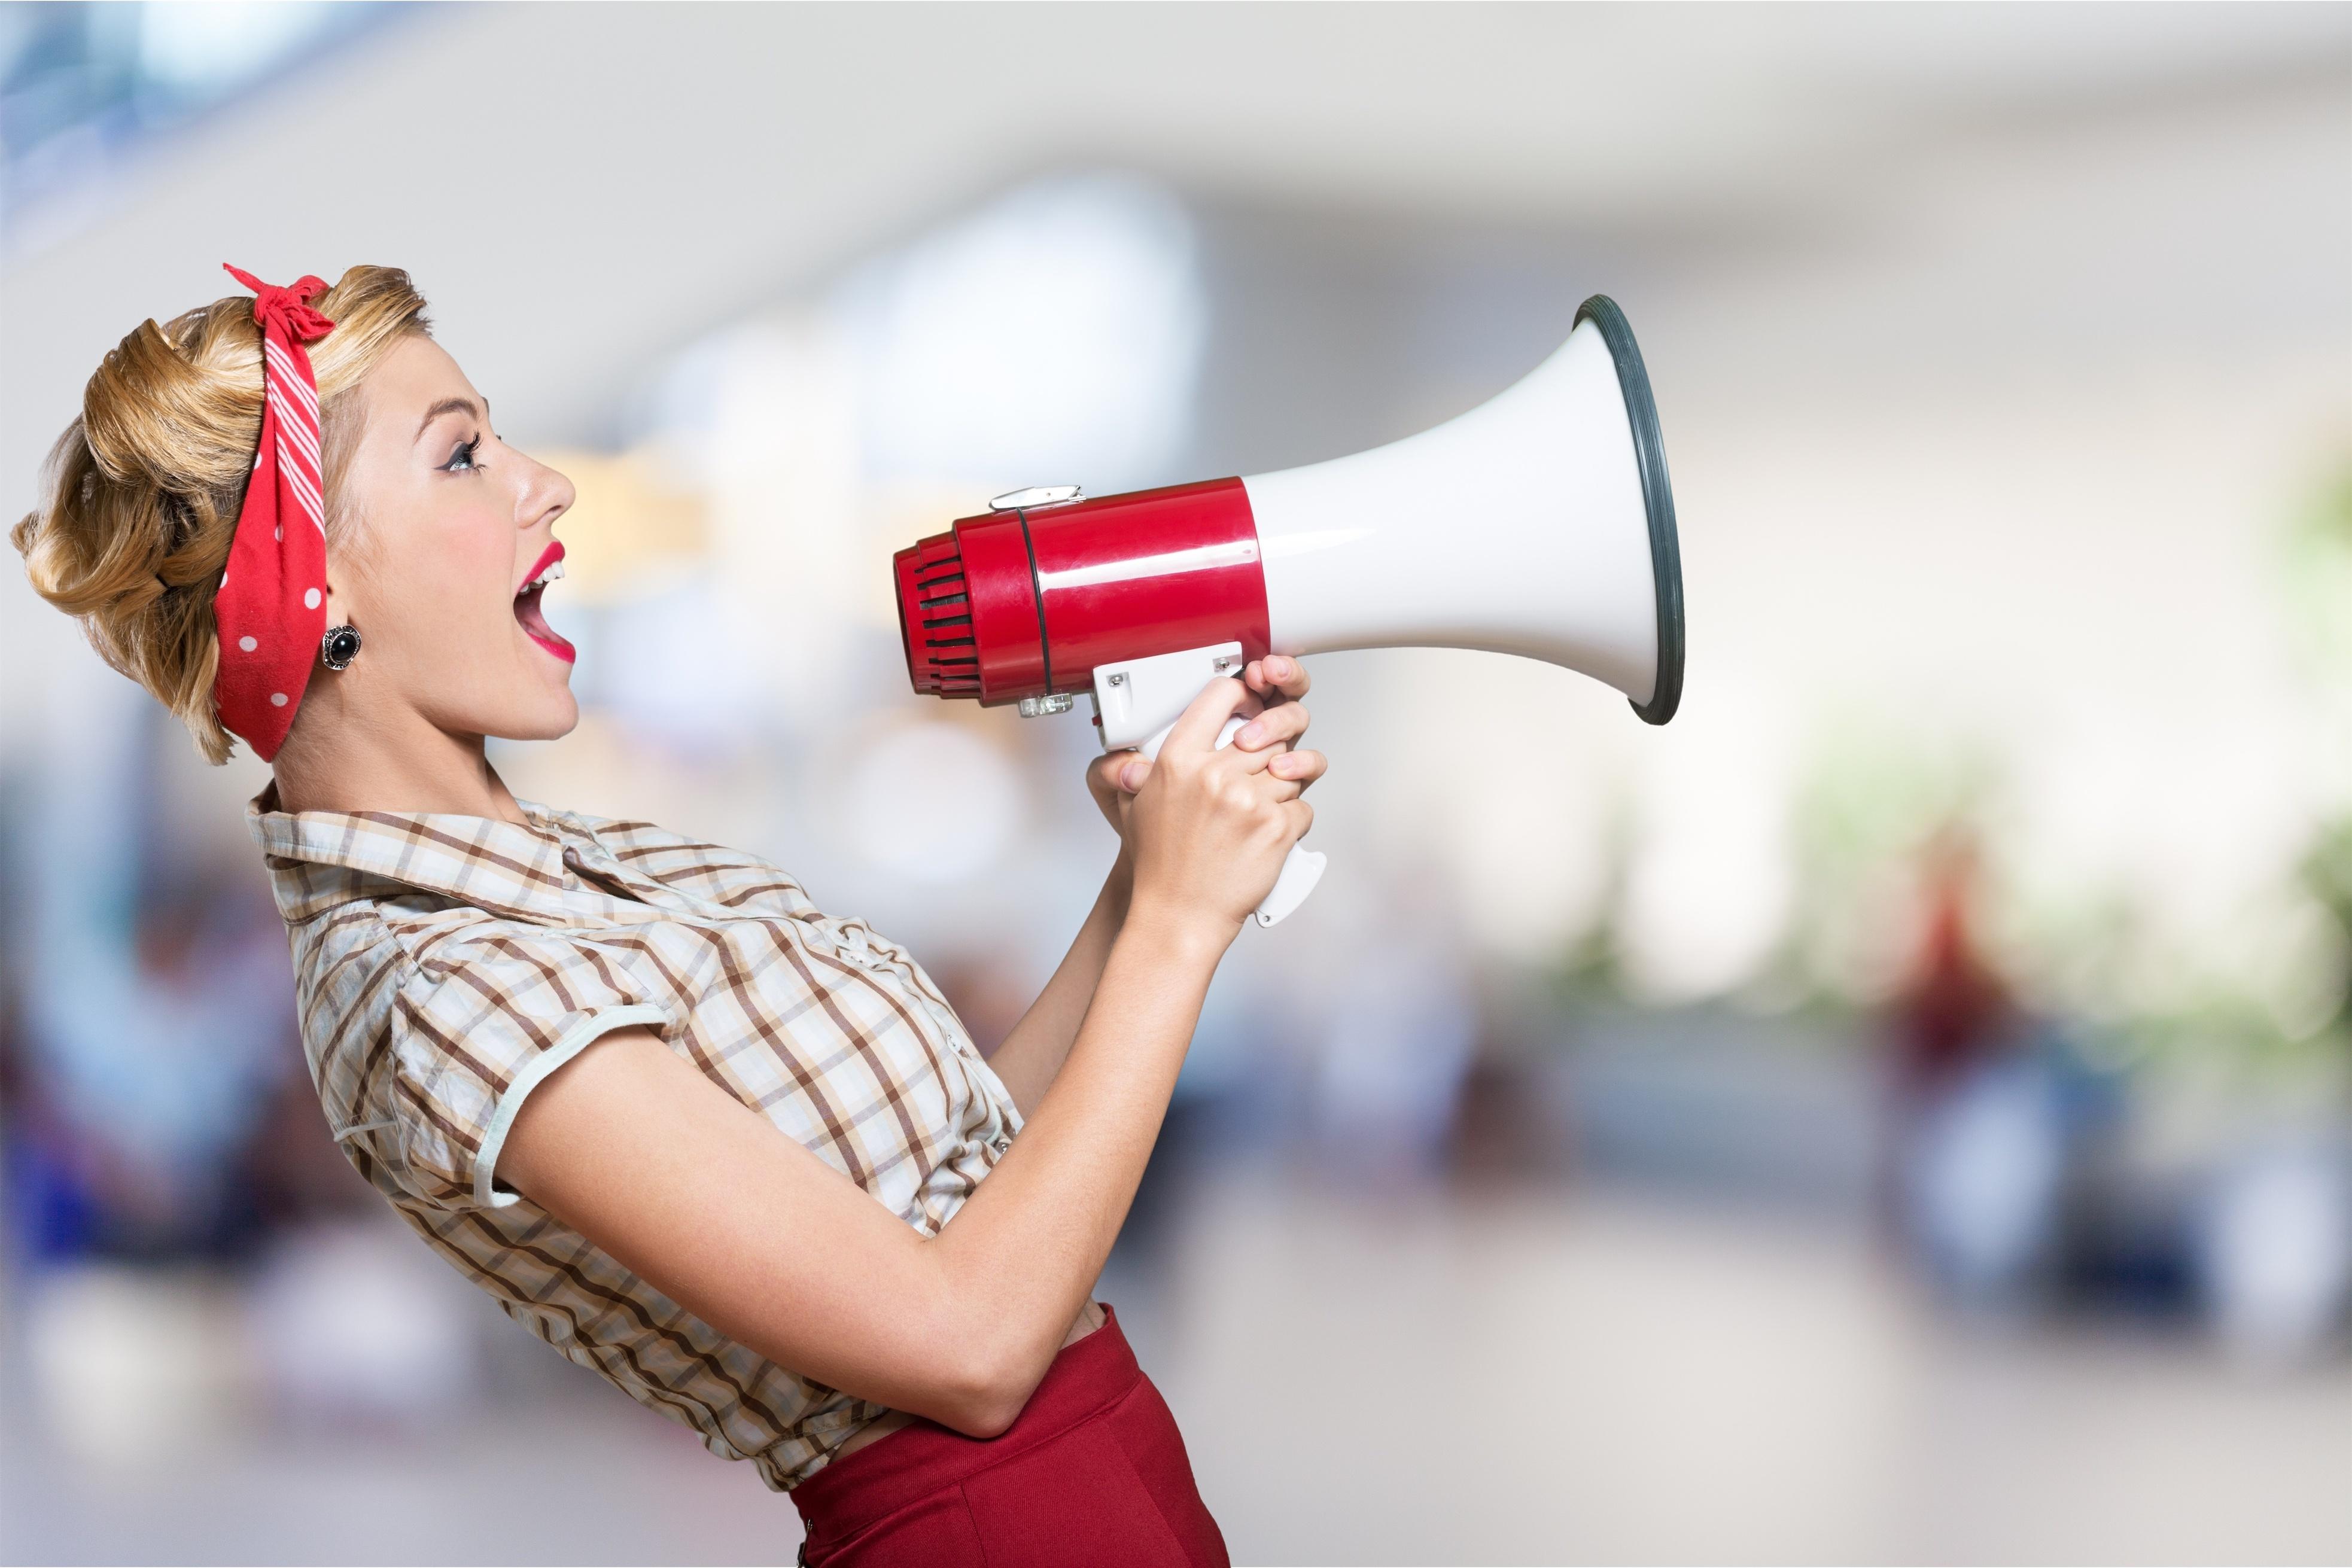 キャッチコピーを叫ぶ女性